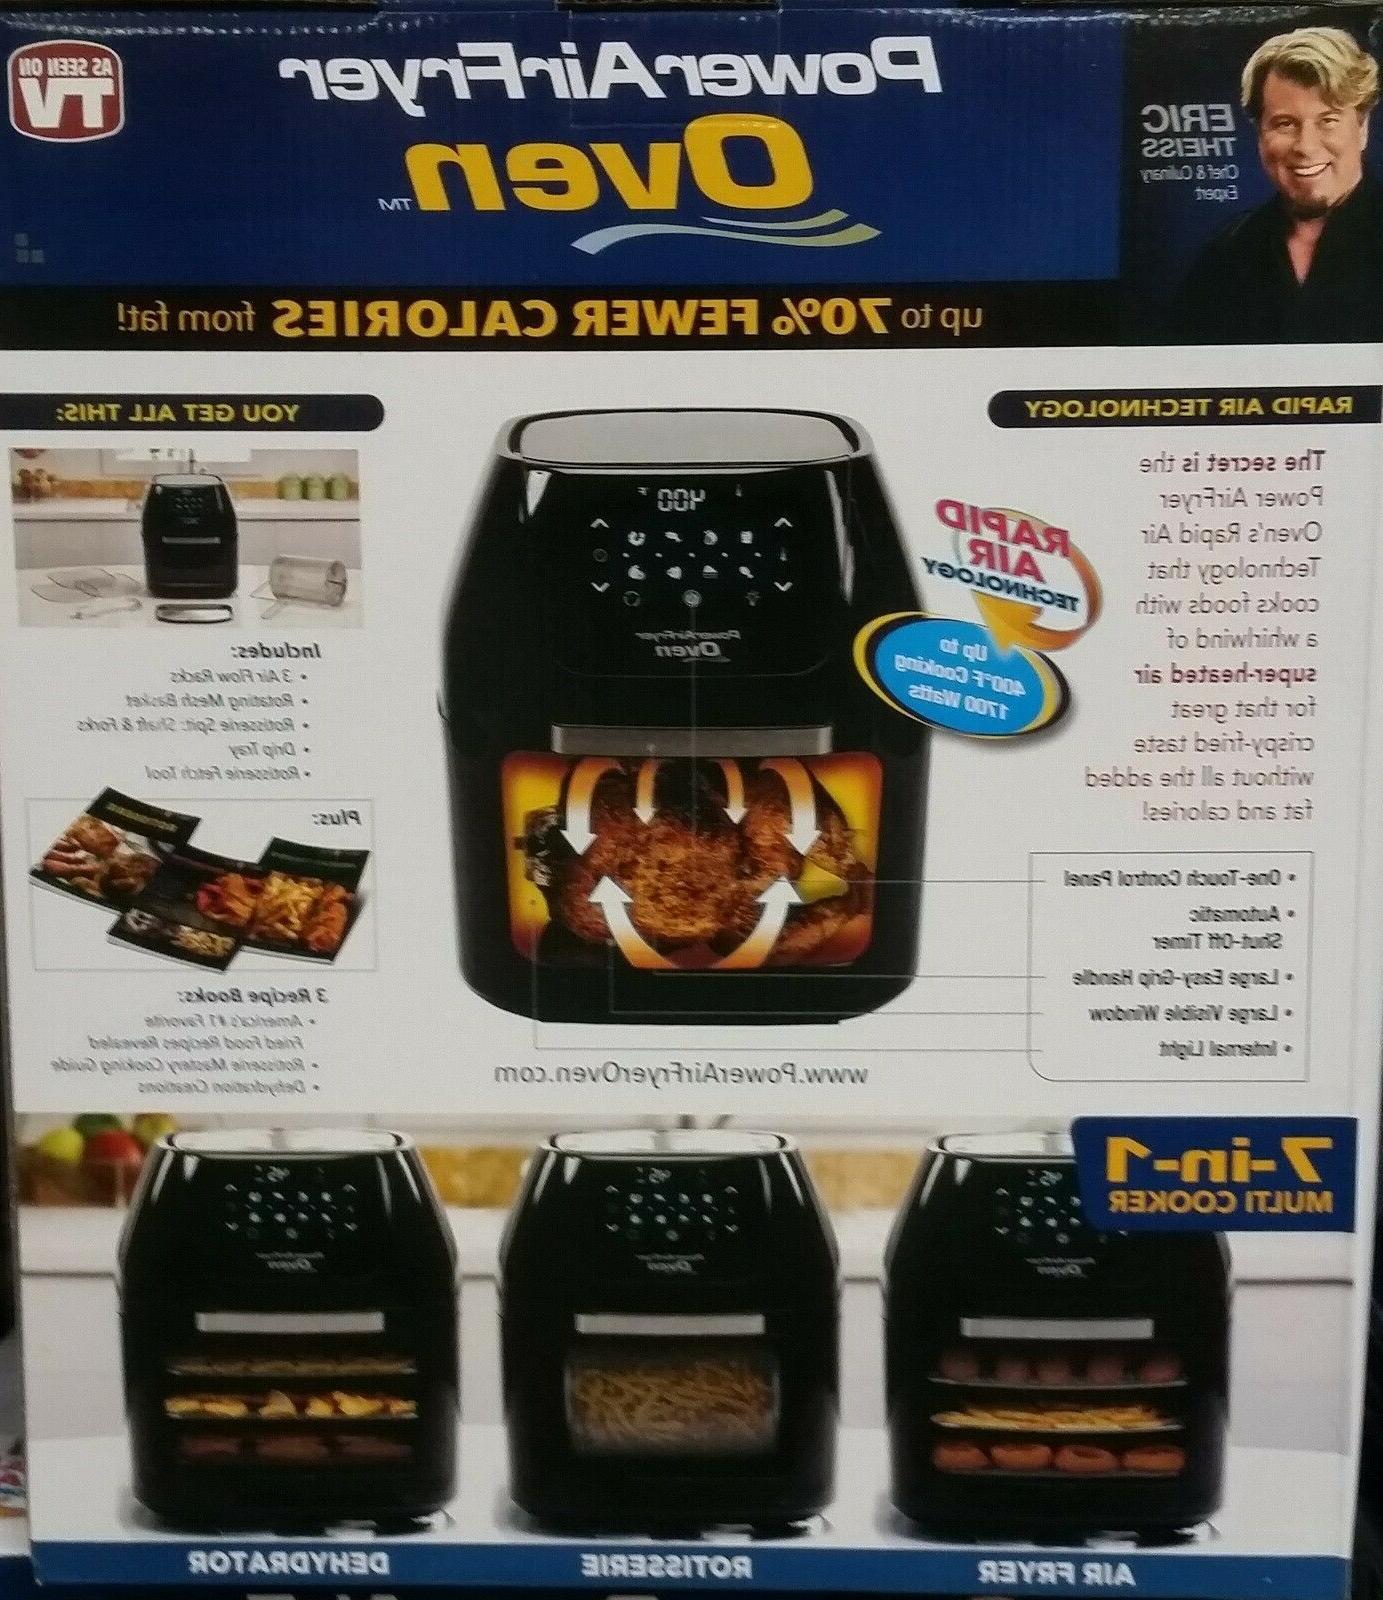 Power Oven 7-in-1 Multi Dehydrator